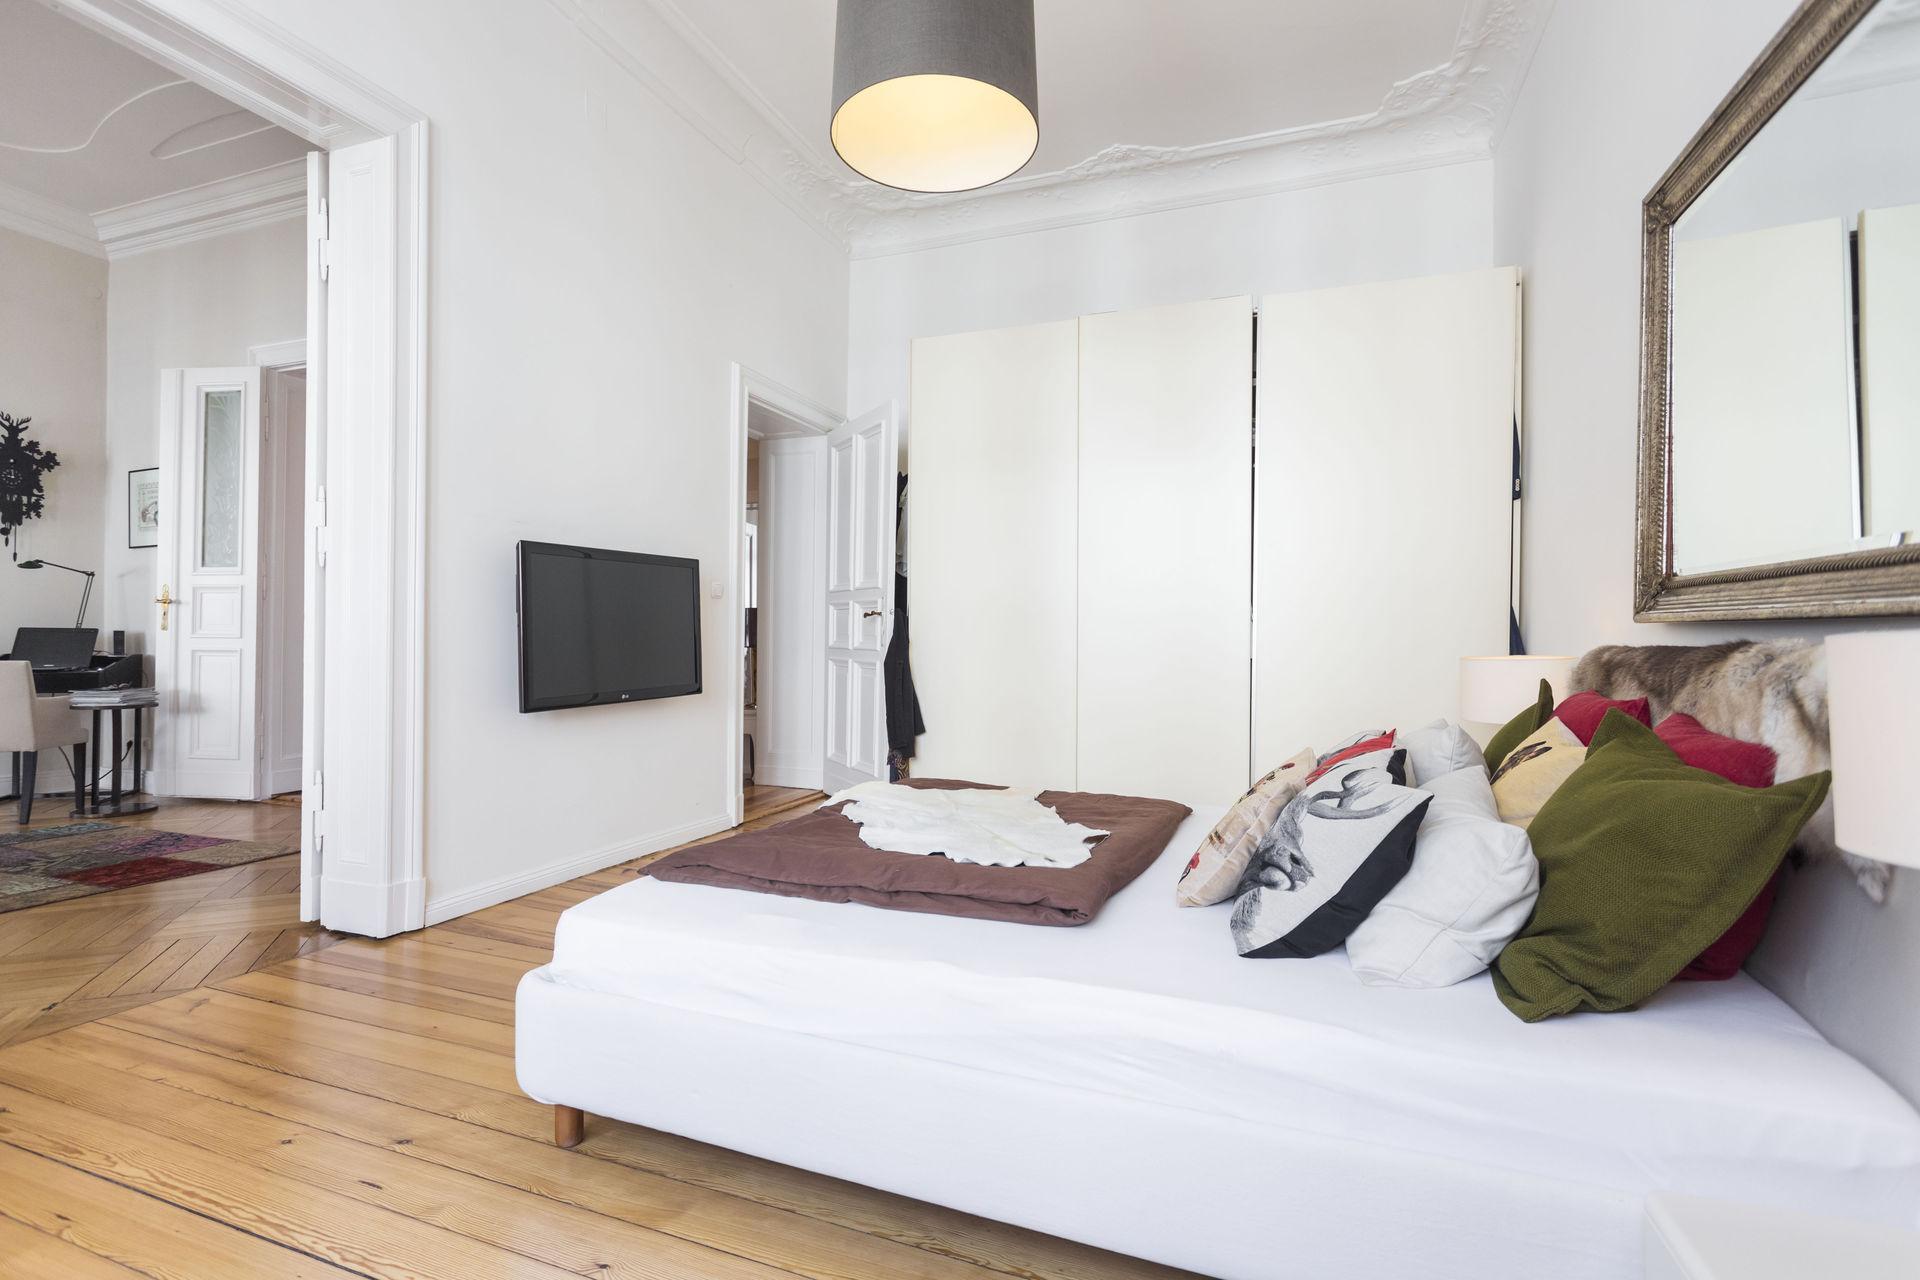 Altbau Schlafzimmer Lampe Wohnzimmer Altbau Raum Und Mobeldesign